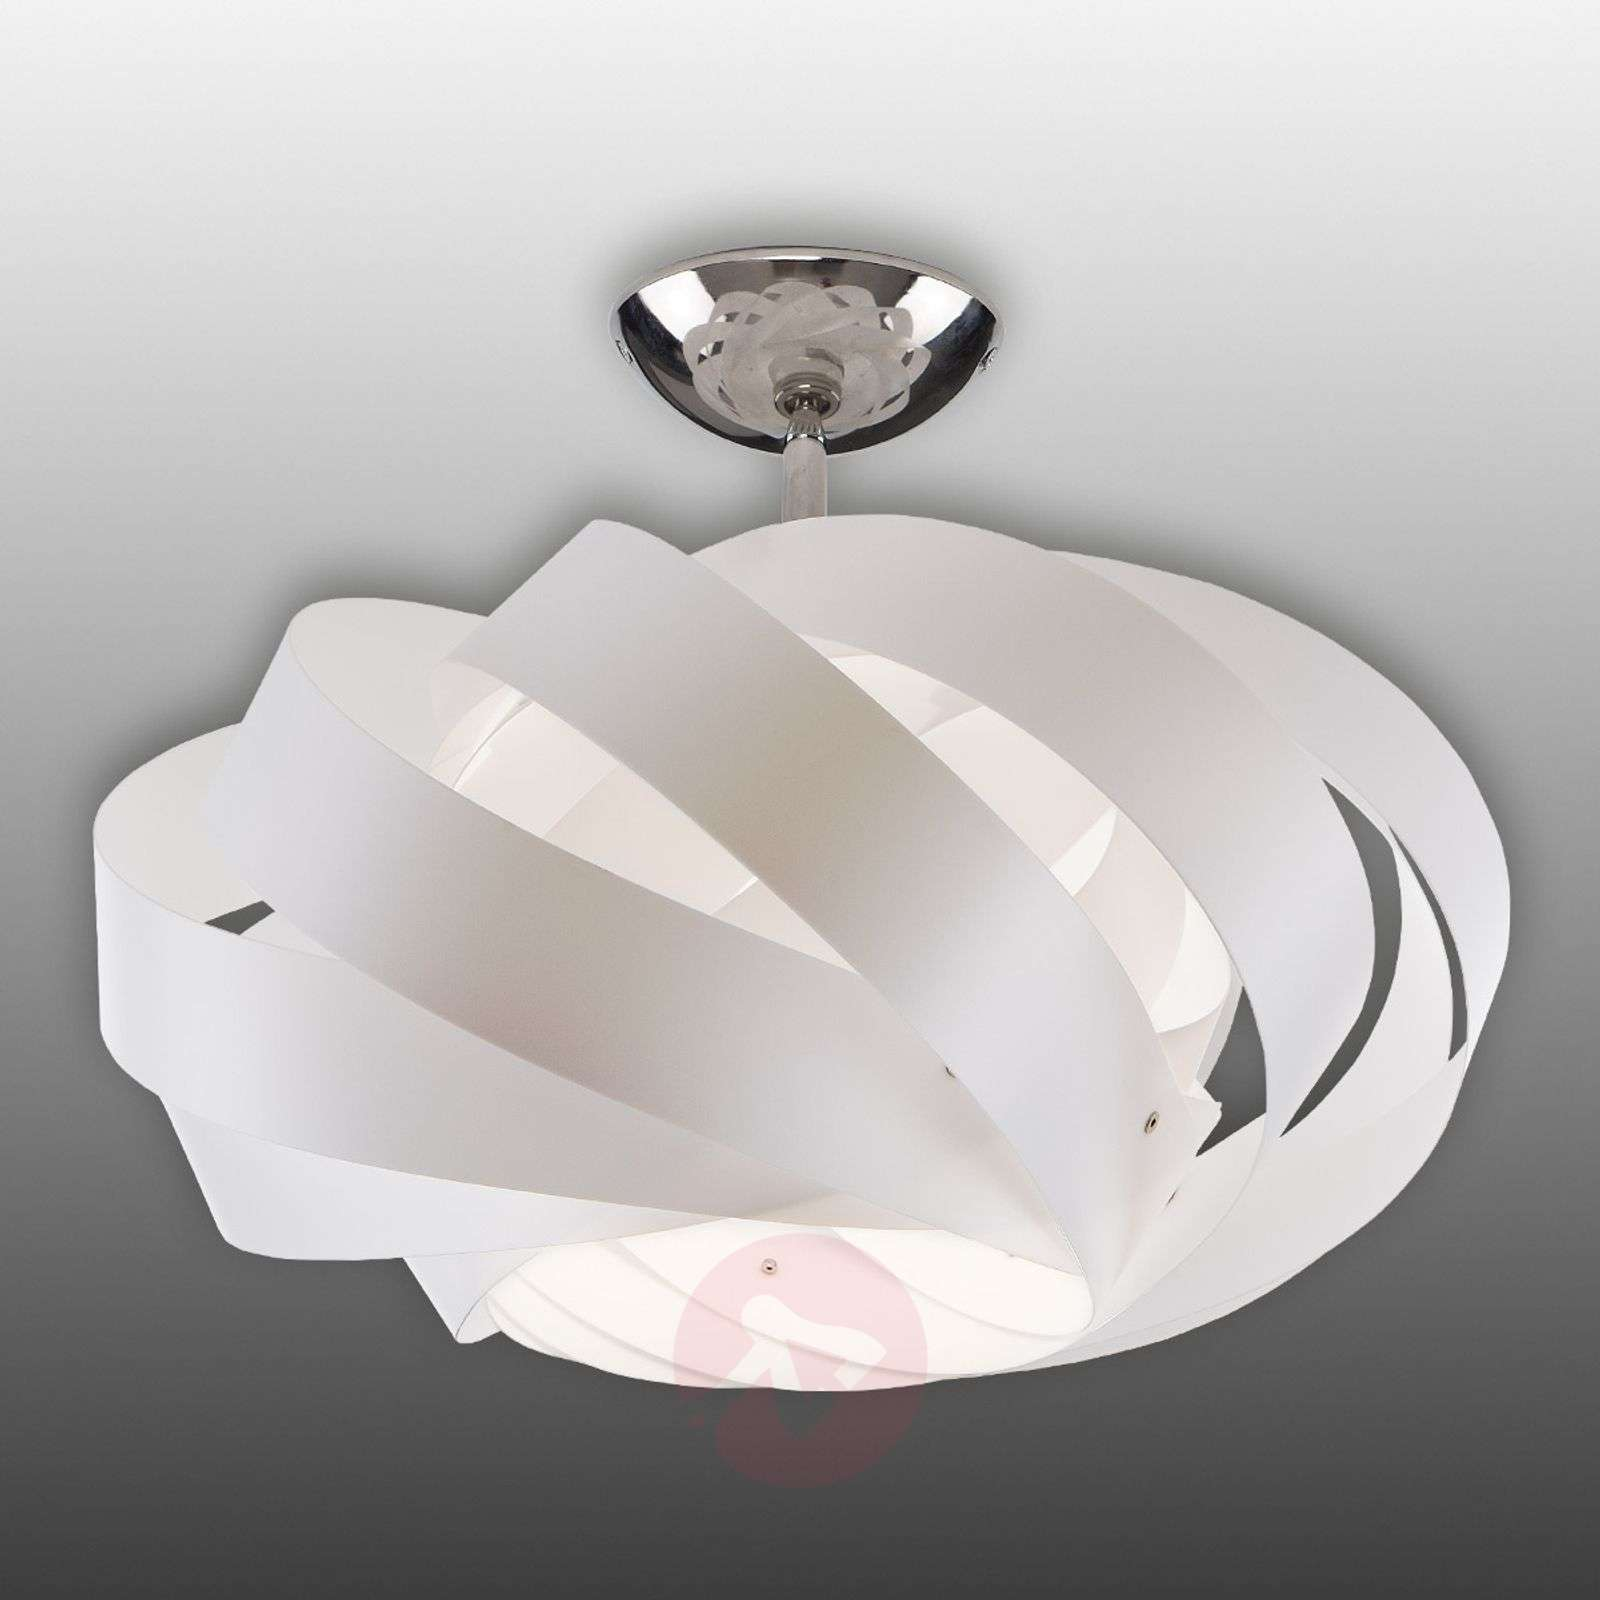 White ceiling light Sky Mini Nest-1056086-01